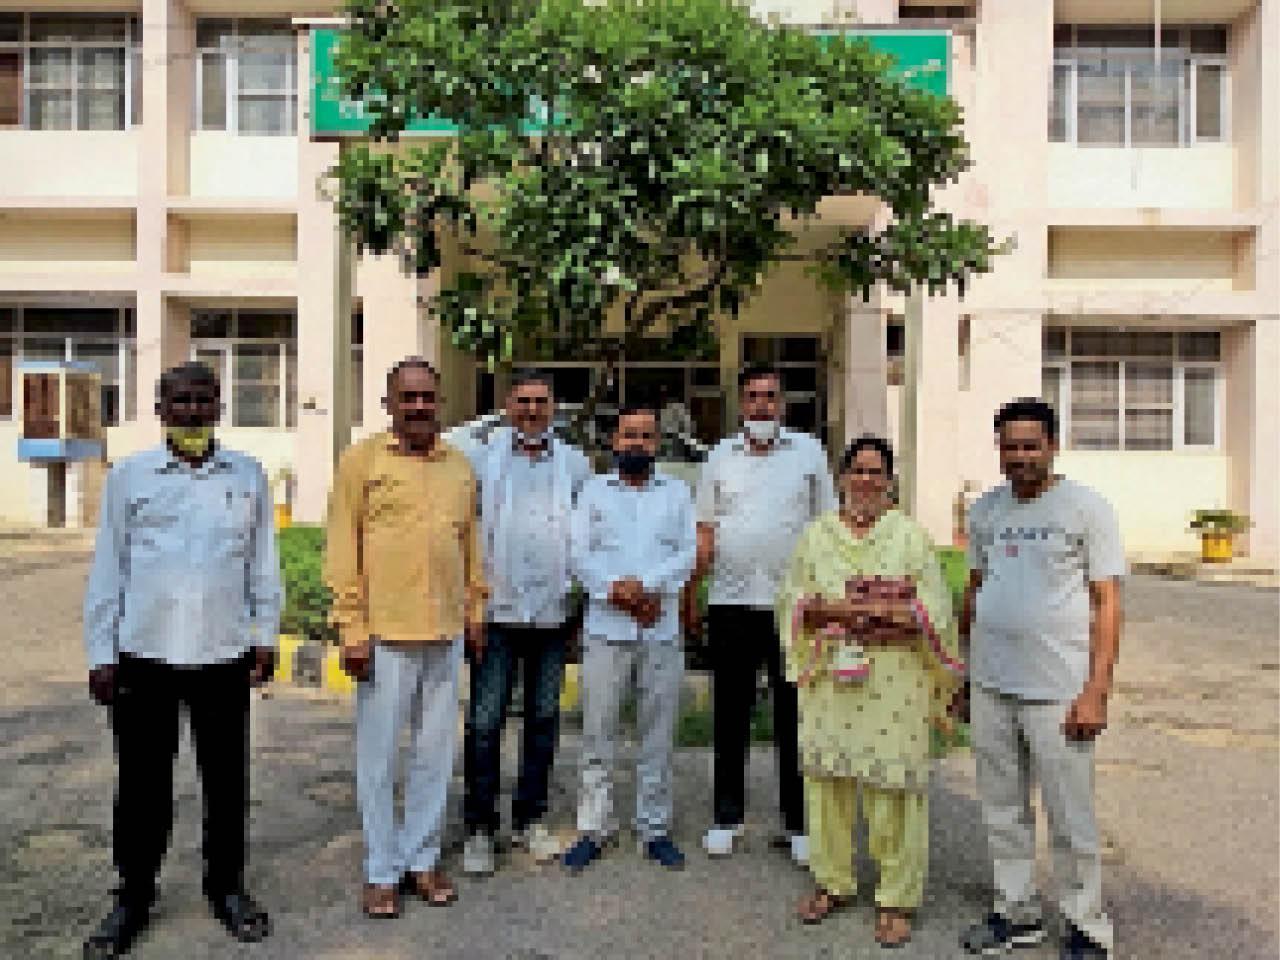 डबल फाटक अंडरपास निर्माण में तेजी लाने के लिए एसई से मिलने पहुंचे पार्षद। - Dainik Bhaskar